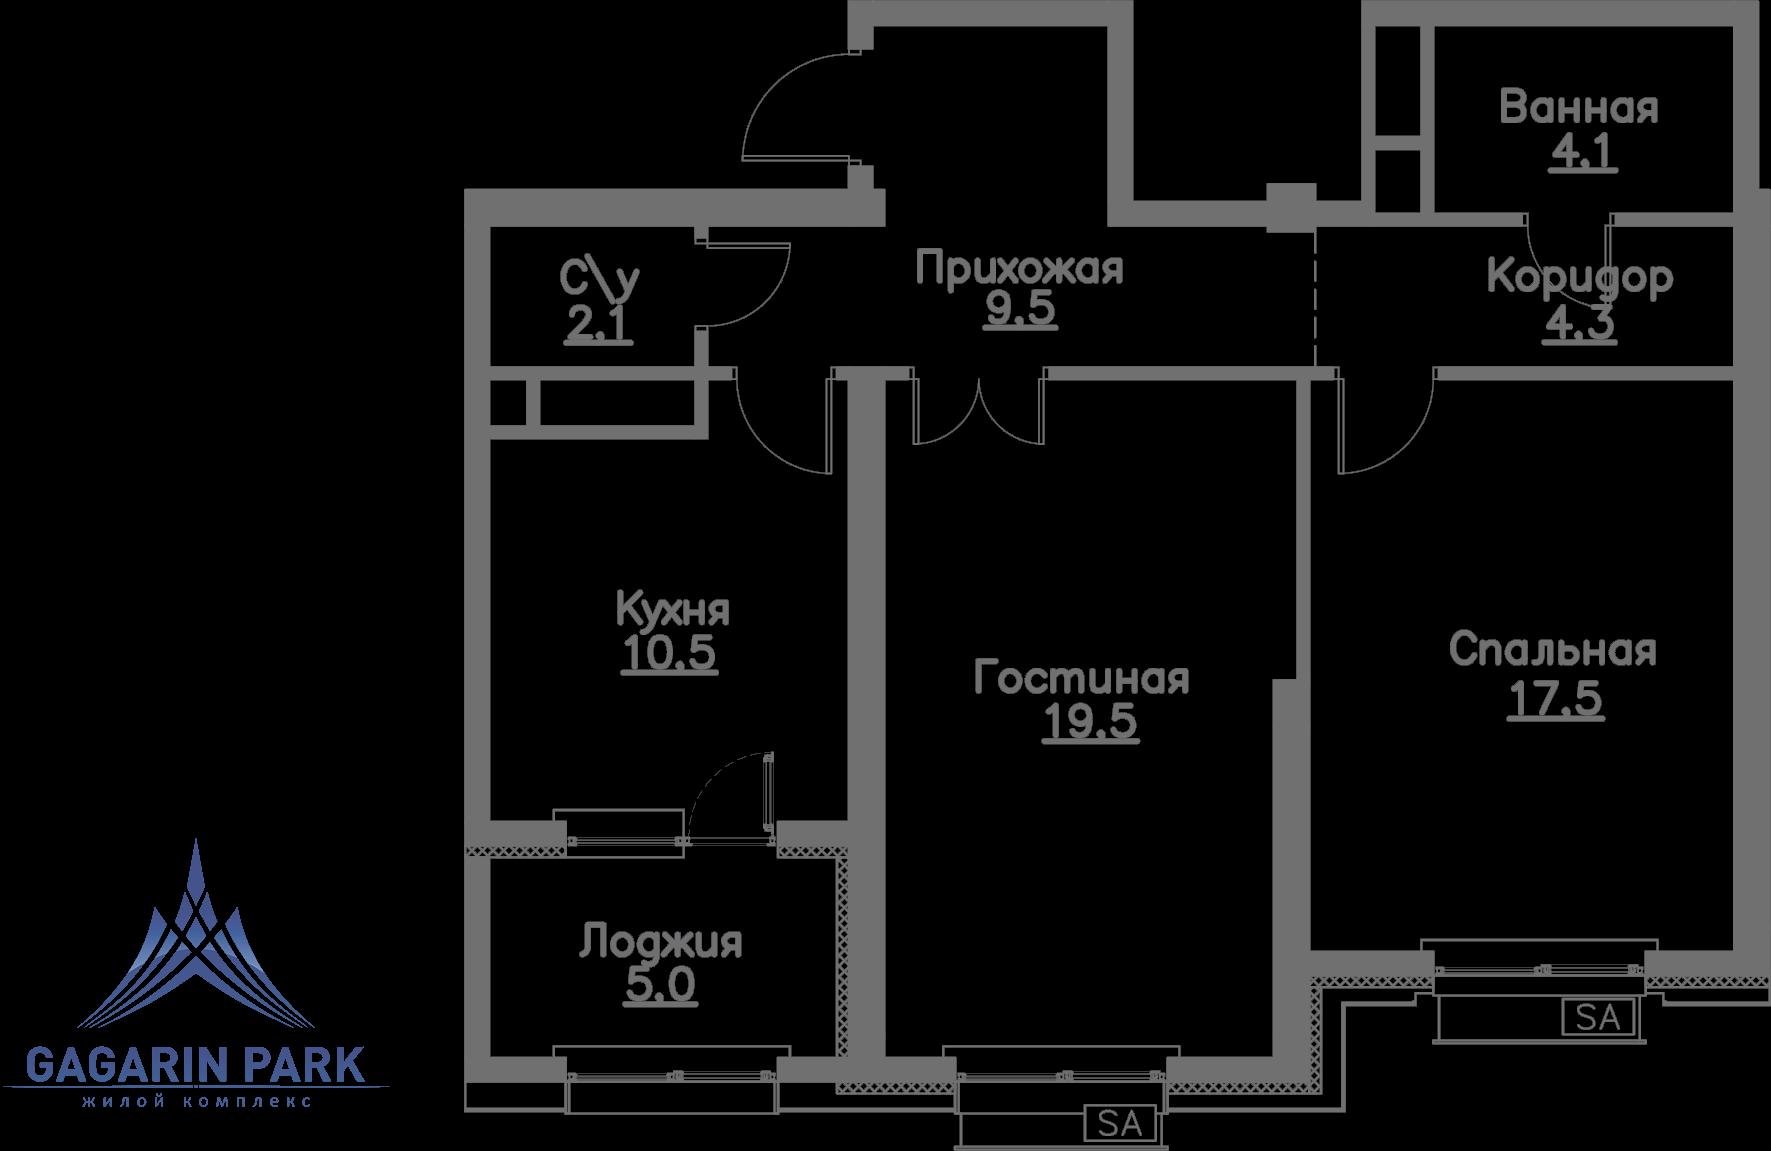 2 очередь, Квартира 65